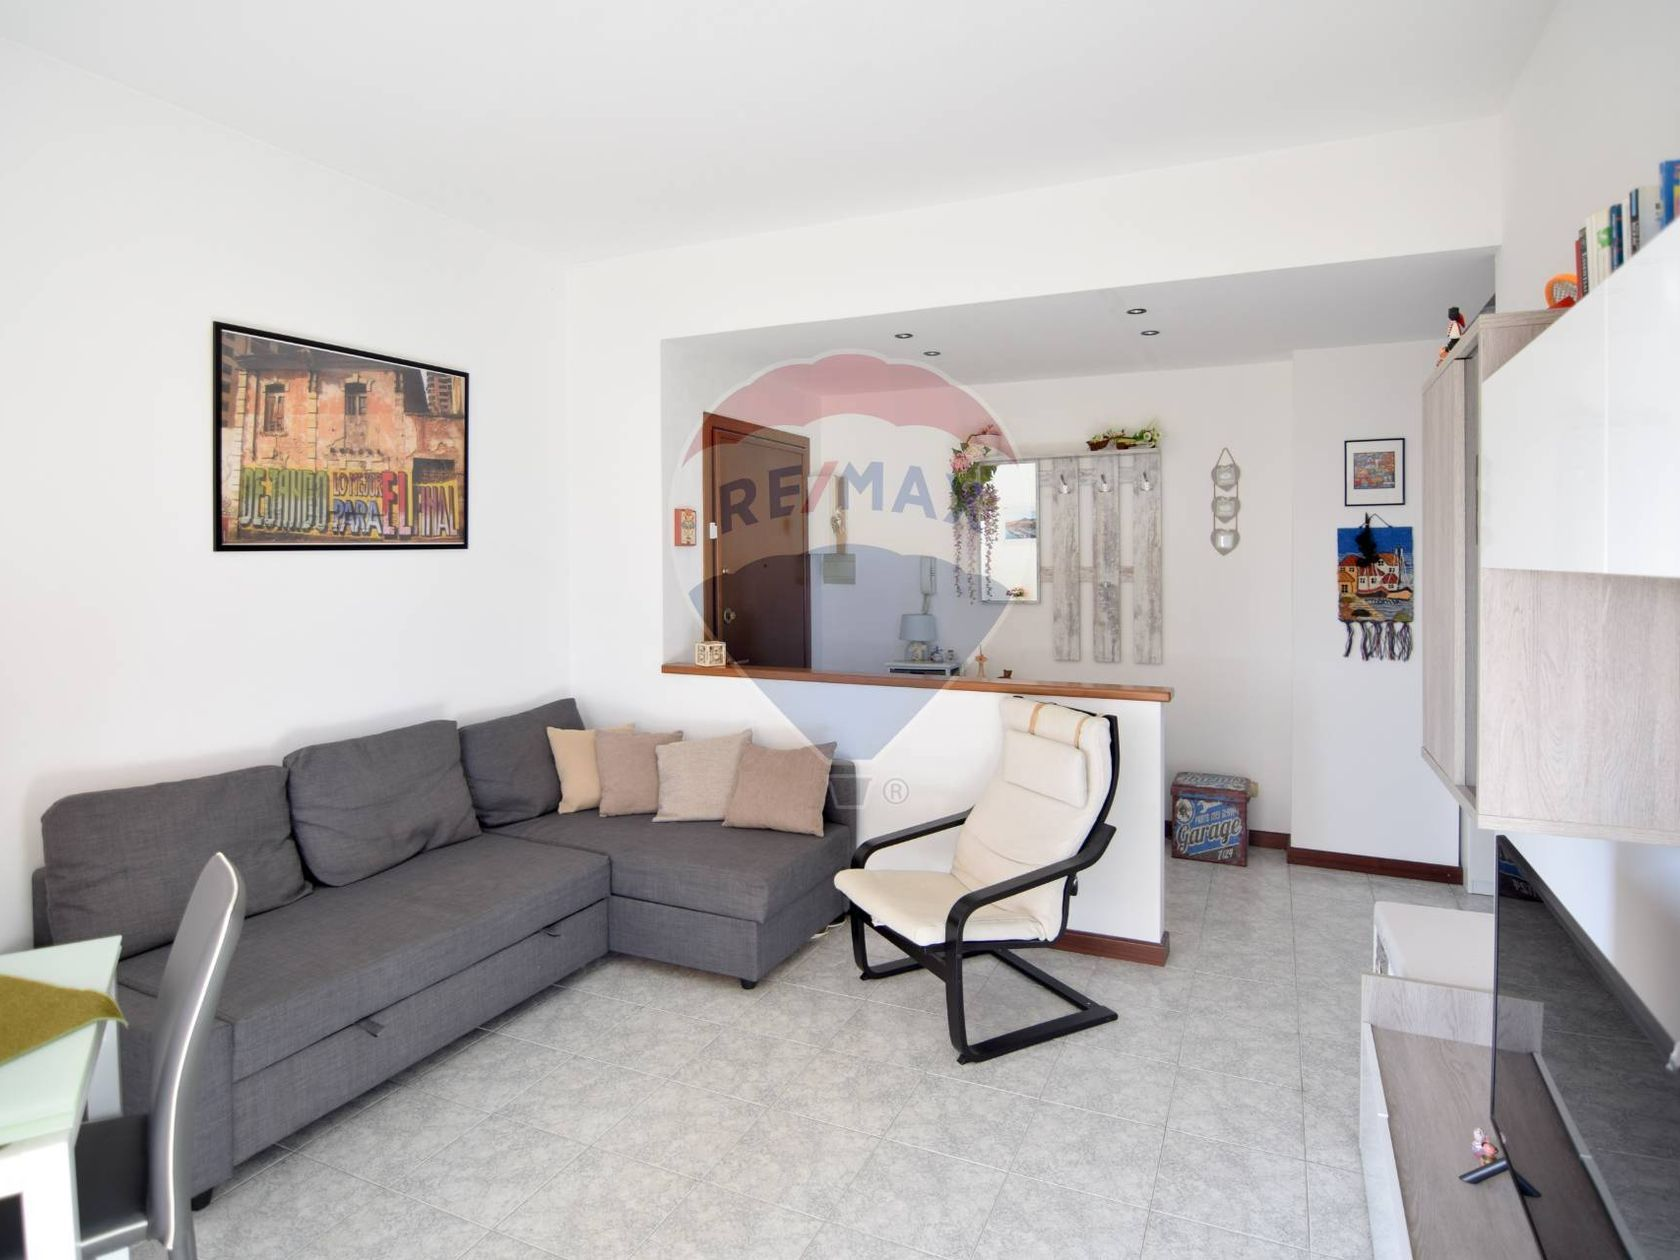 Agenzie Immobiliari Cologno Monzese appartamento in vendita cologno monzese 32581008-47   re/max